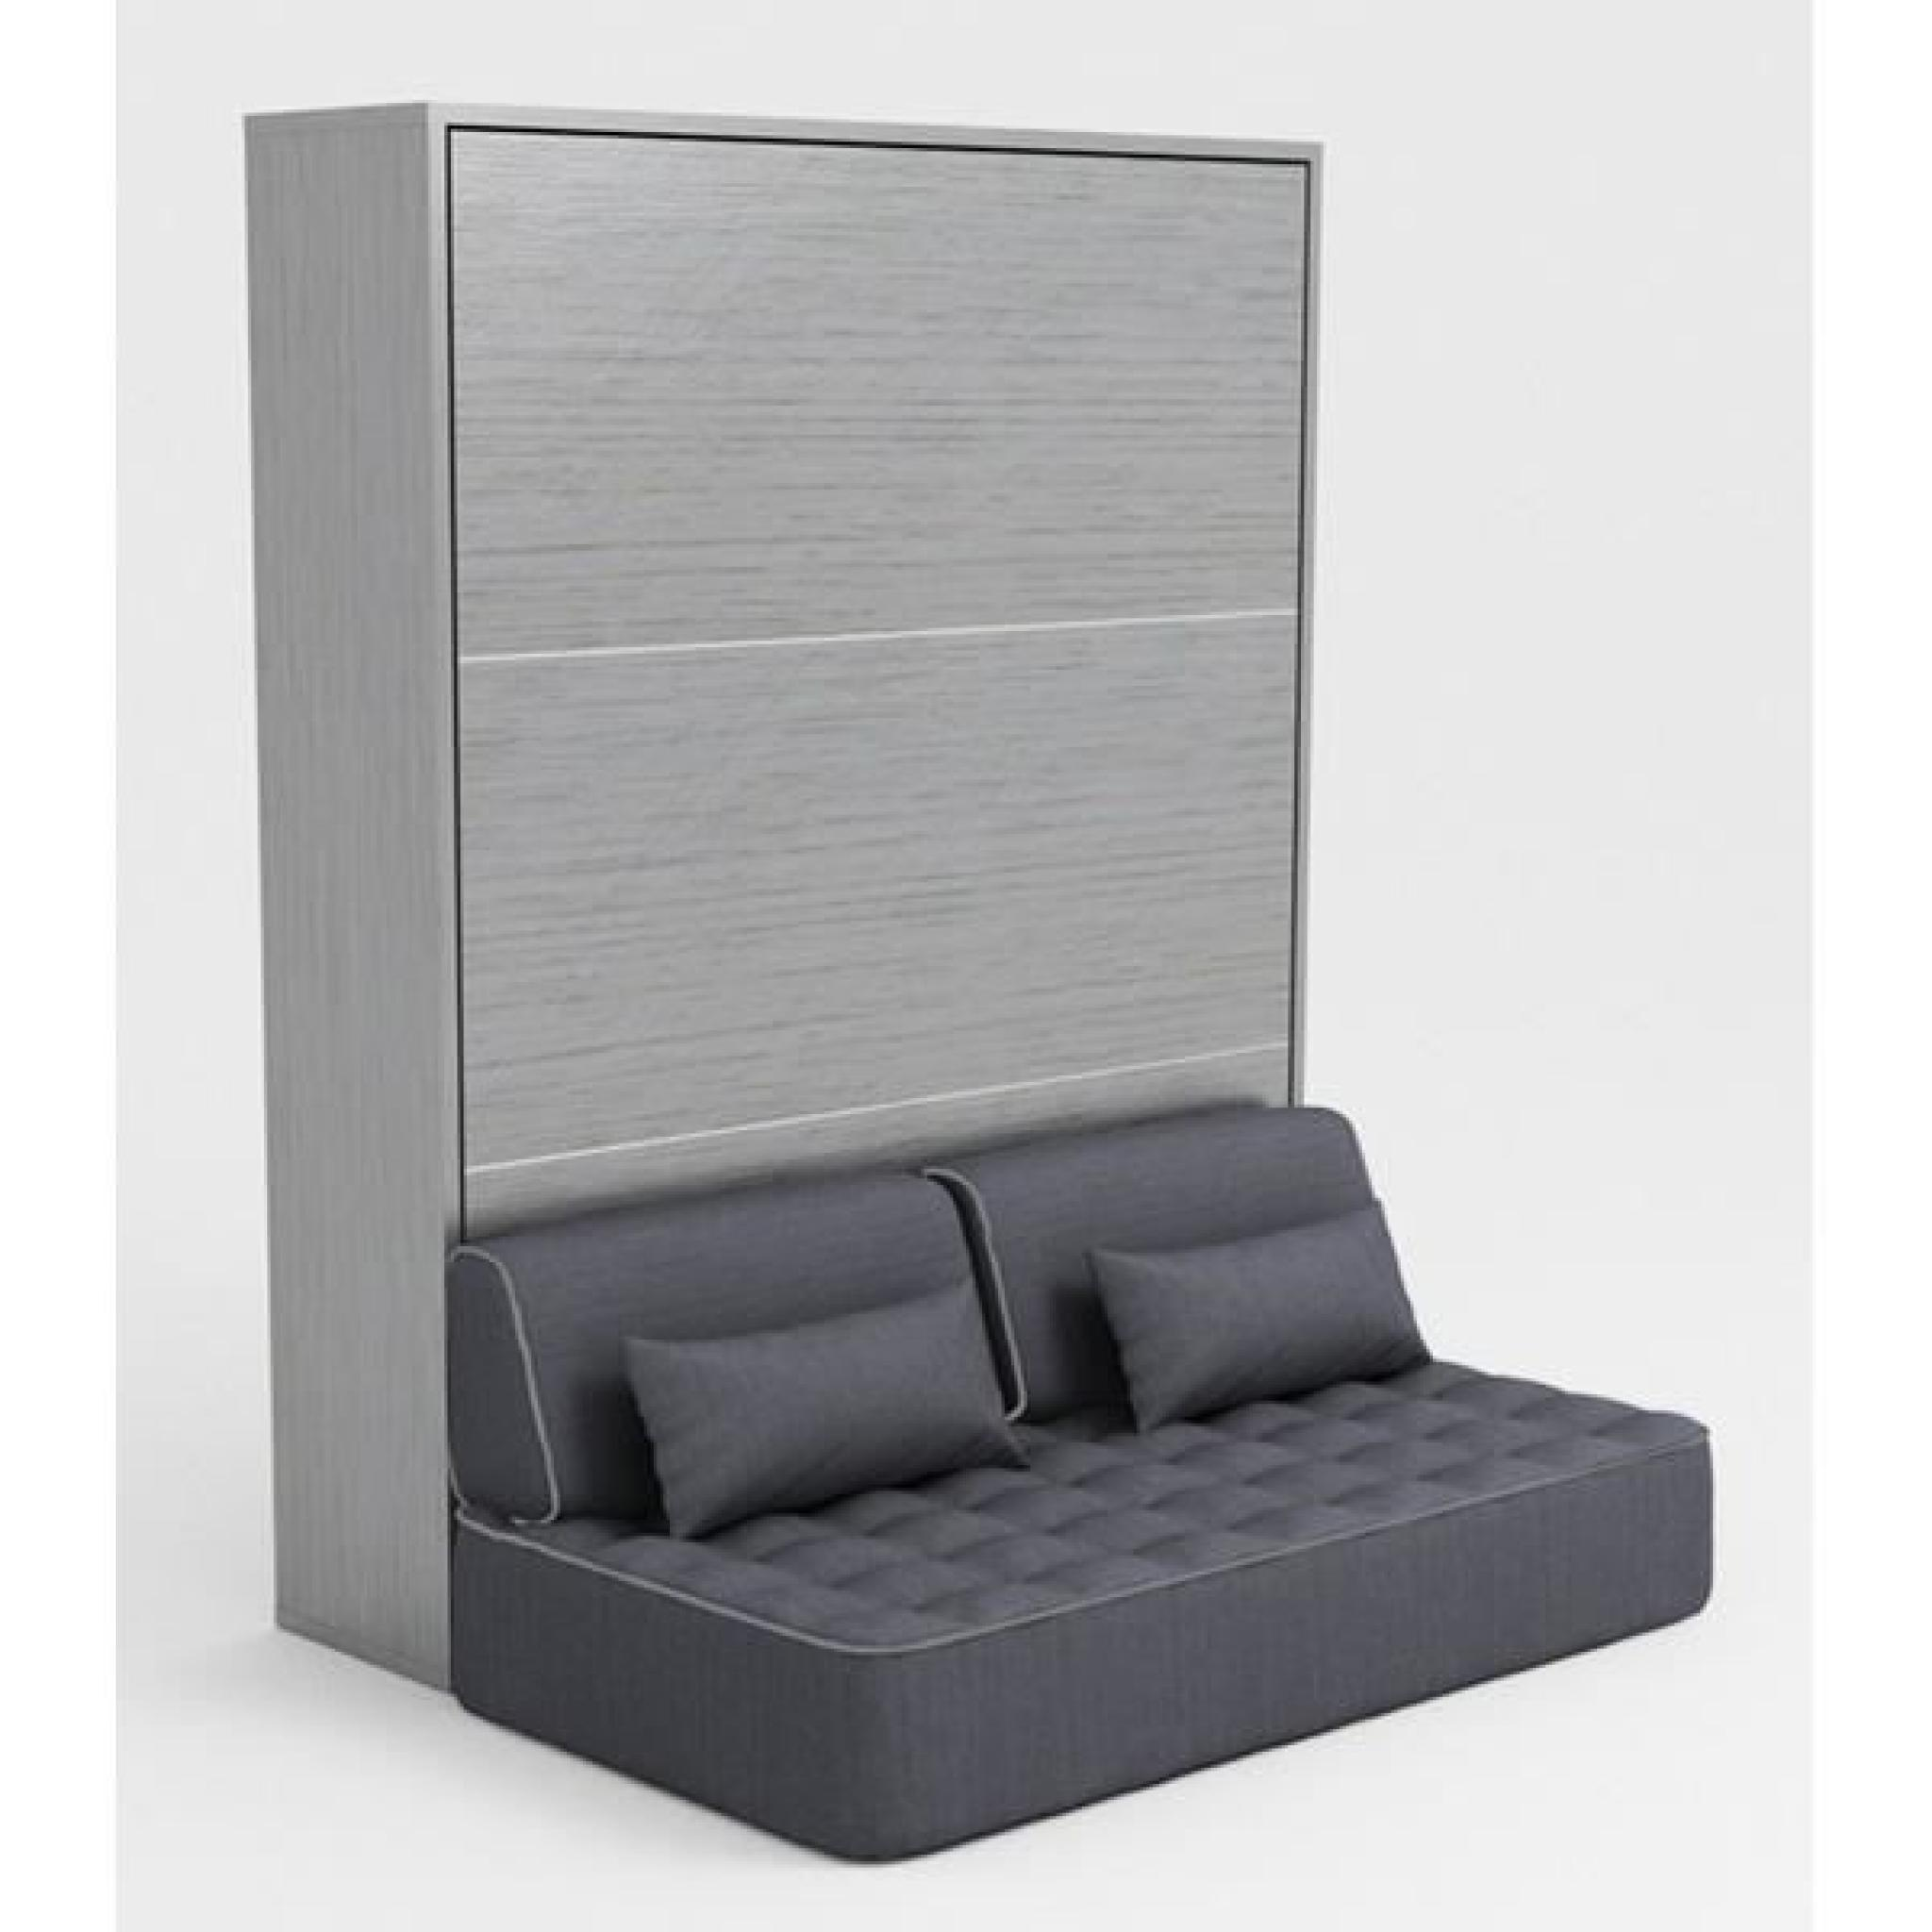 lit canap escamotable pas cher sofag. Black Bedroom Furniture Sets. Home Design Ideas